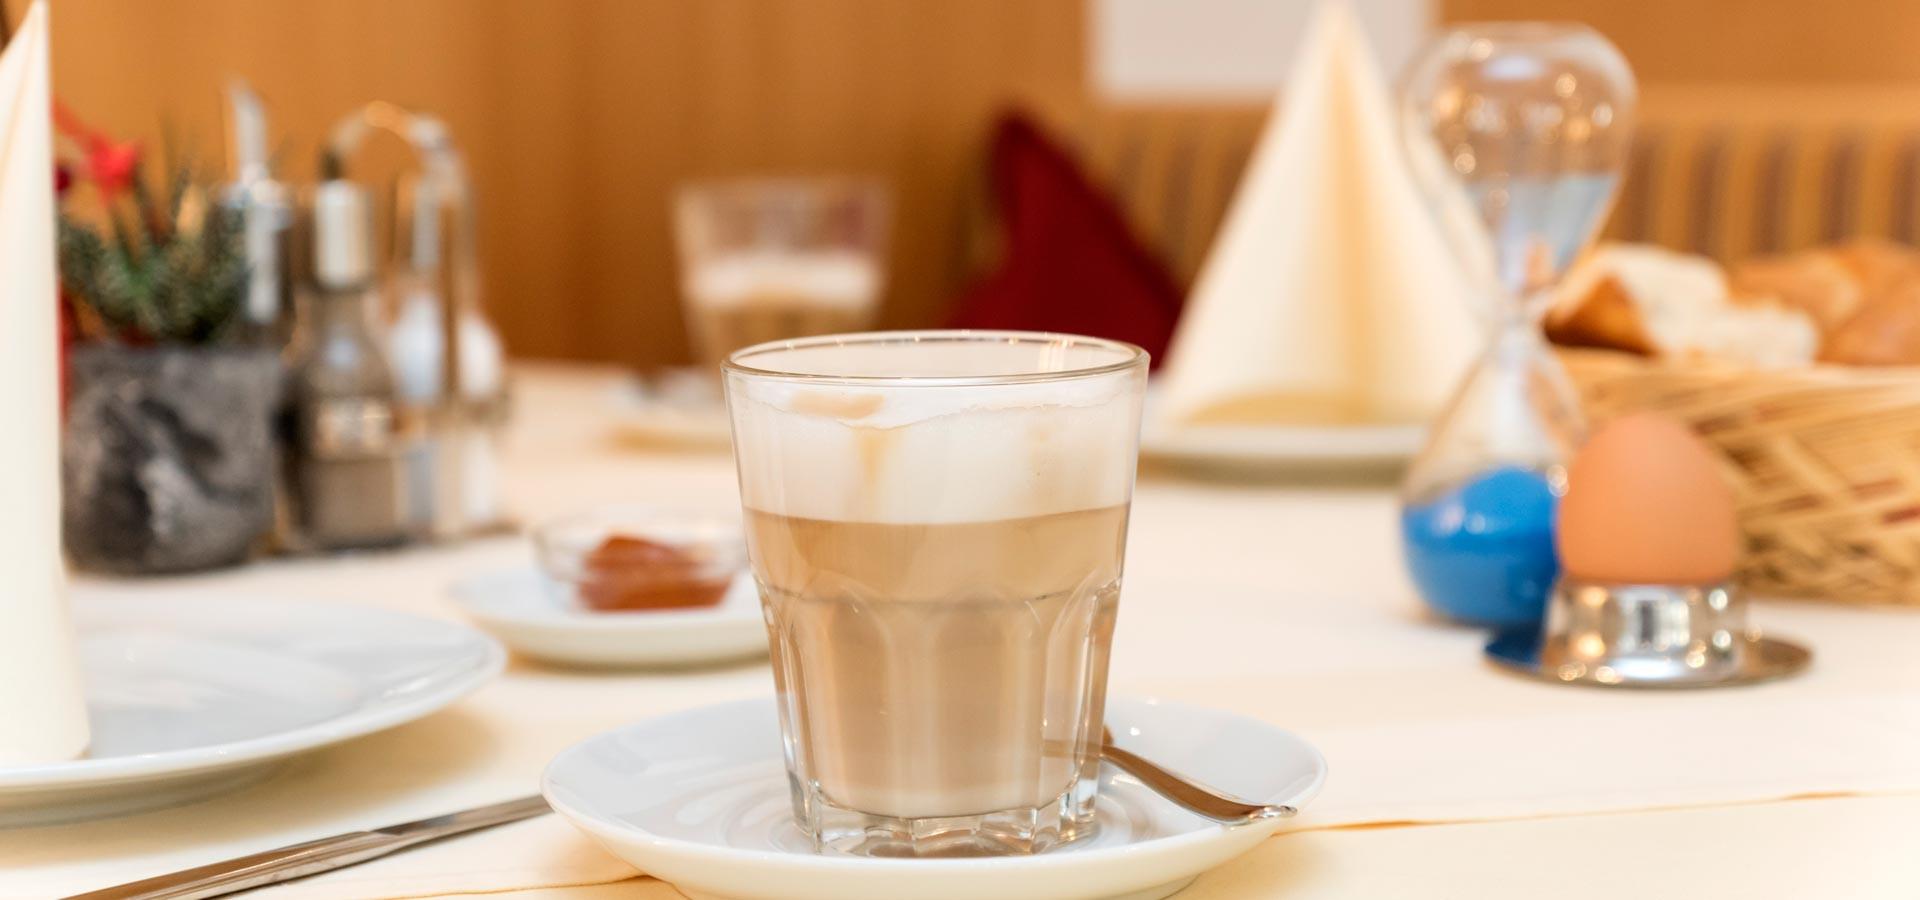 Der Kaffee duftet die Brötchen sind herrlich knusprig